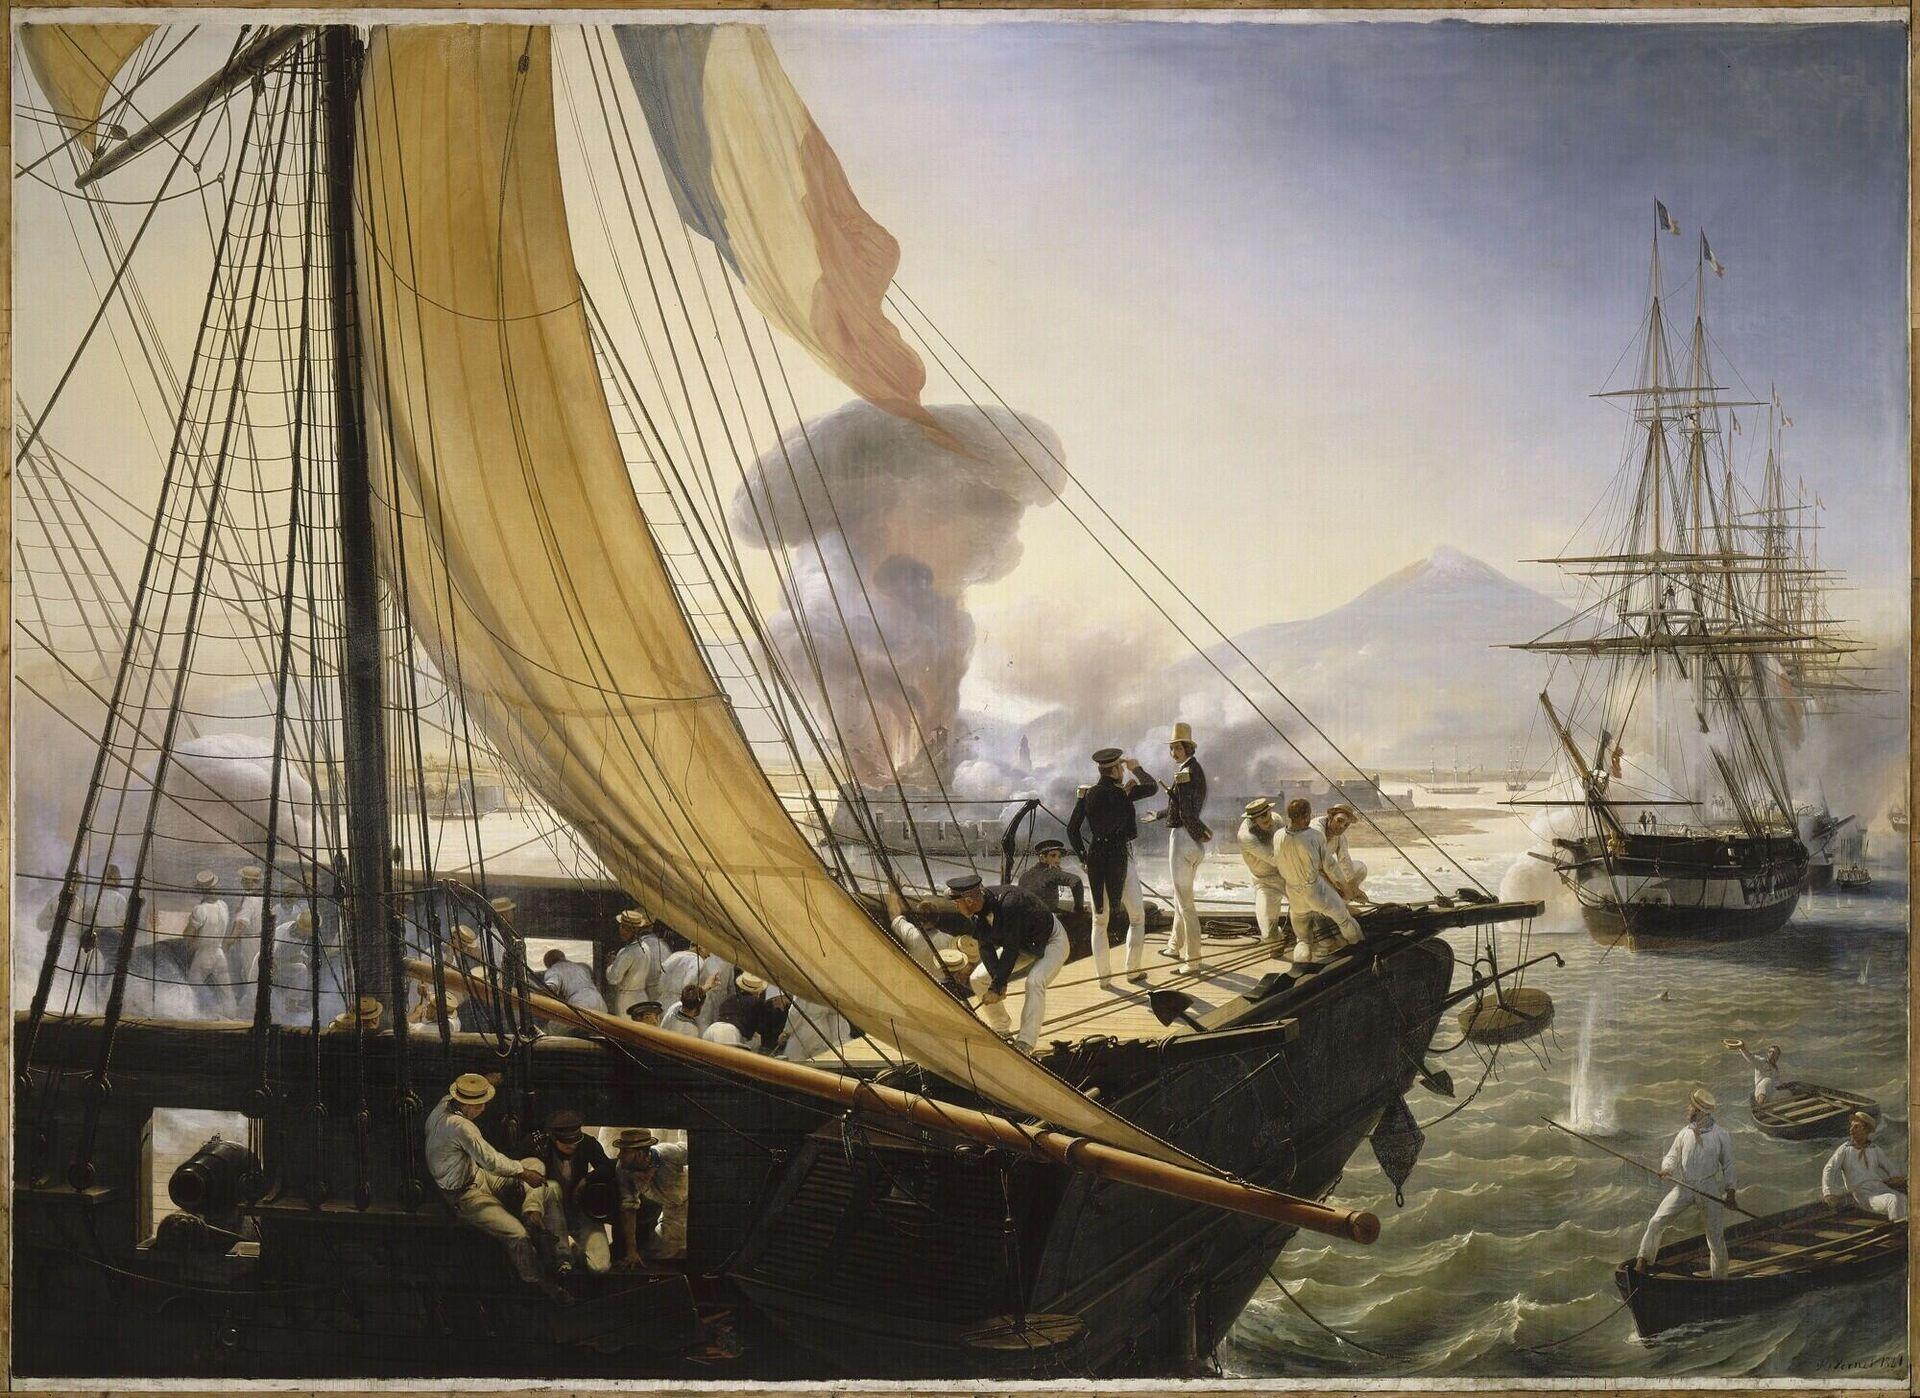 Episodio de la expedición a México en 1838, el príncipe de Joinville en el castillo de proa de la corbeta Créole escucha el informe del teniente de navío Penaud y asiste a la explosión de la torre del fuerte de San Juan de Ulloa, el 27 de noviembre de 1838. - Sputnik Mundo, 1920, 05.10.2021